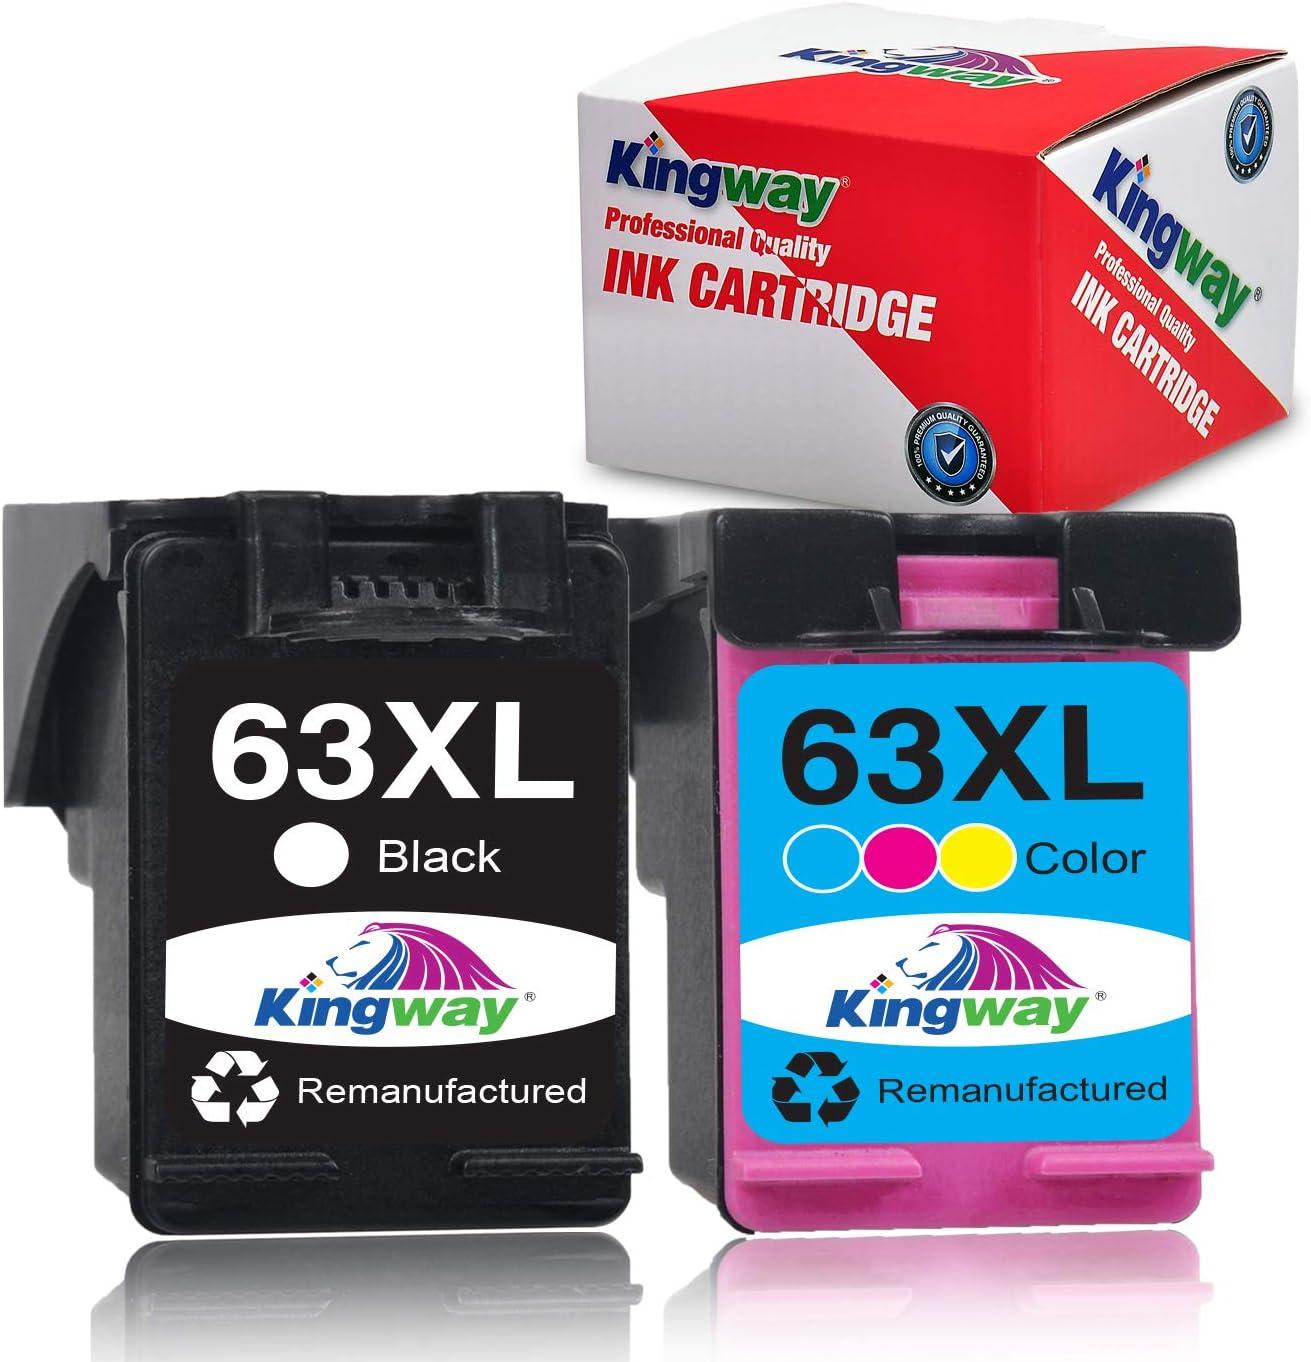 Kingway Remanufactured Ink Cartridge for HP 63XL 63 XL 63 Ink for Officejet 5255 5258 3830 4650 3833 4655 Envy 4520 4512 4516 Deskjet 1112 2130 2131 3630 3633 3634 Printer (Black, Tri-Color)